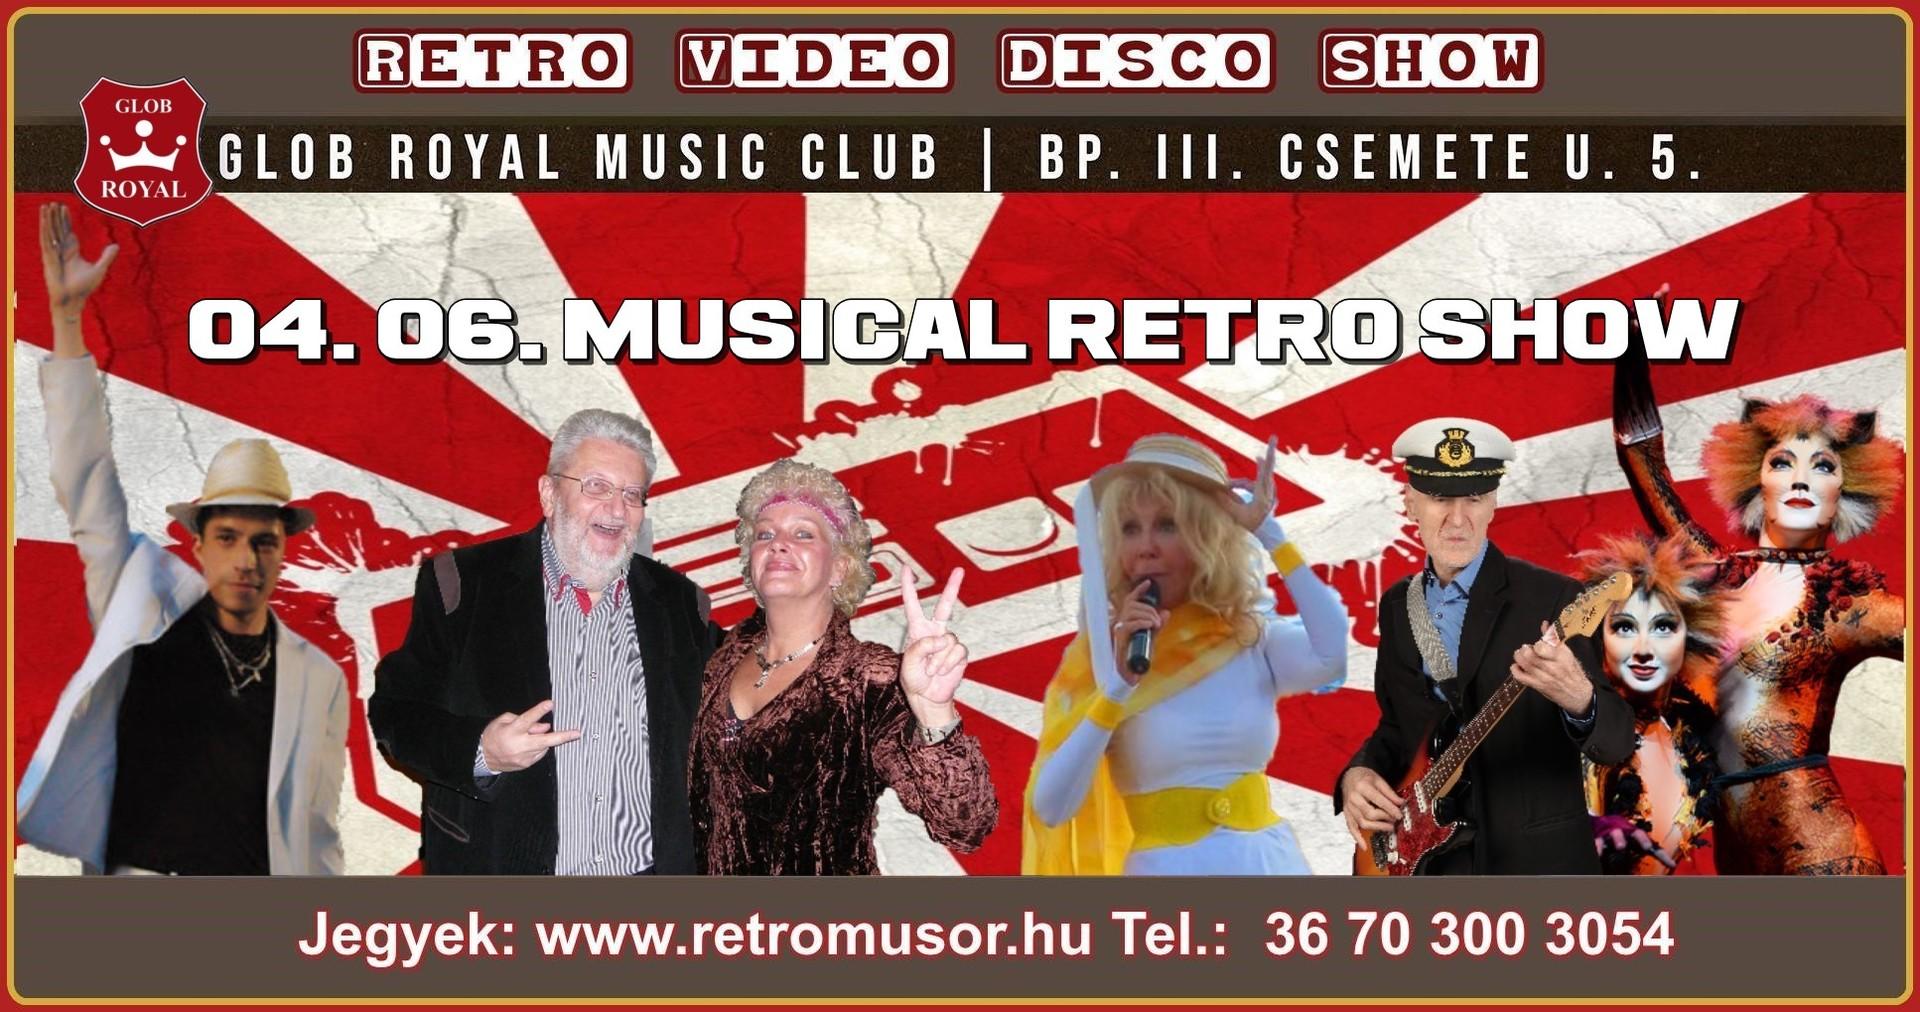 Retro Video Disco Óbudán